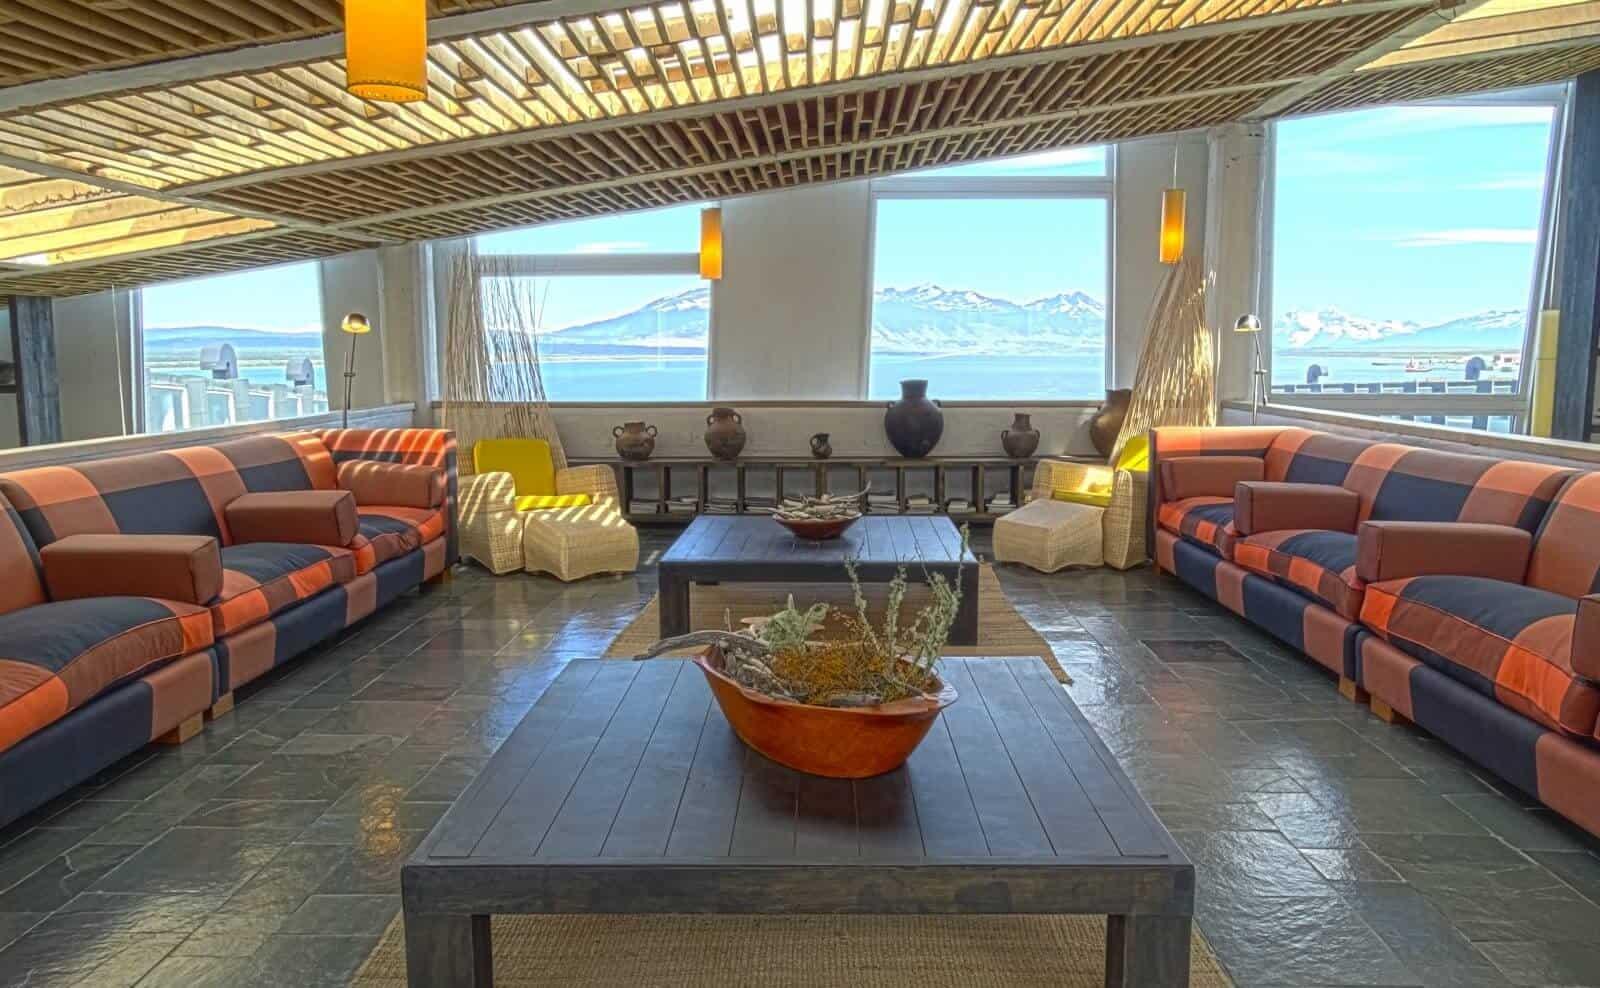 Remota Hotel Patagonien